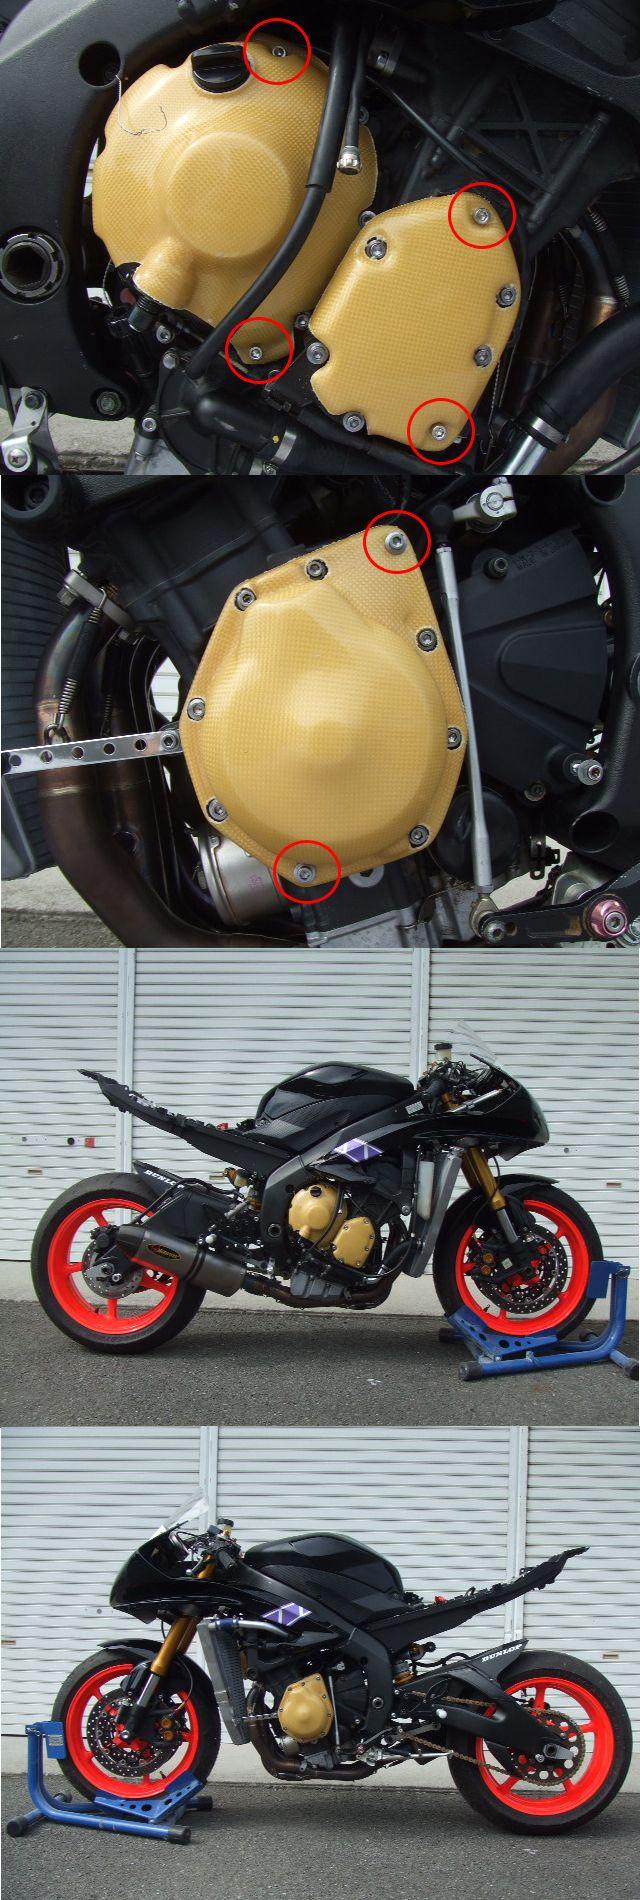 【才谷屋】引擎保護蓋 Type-2 - 「Webike-摩托百貨」